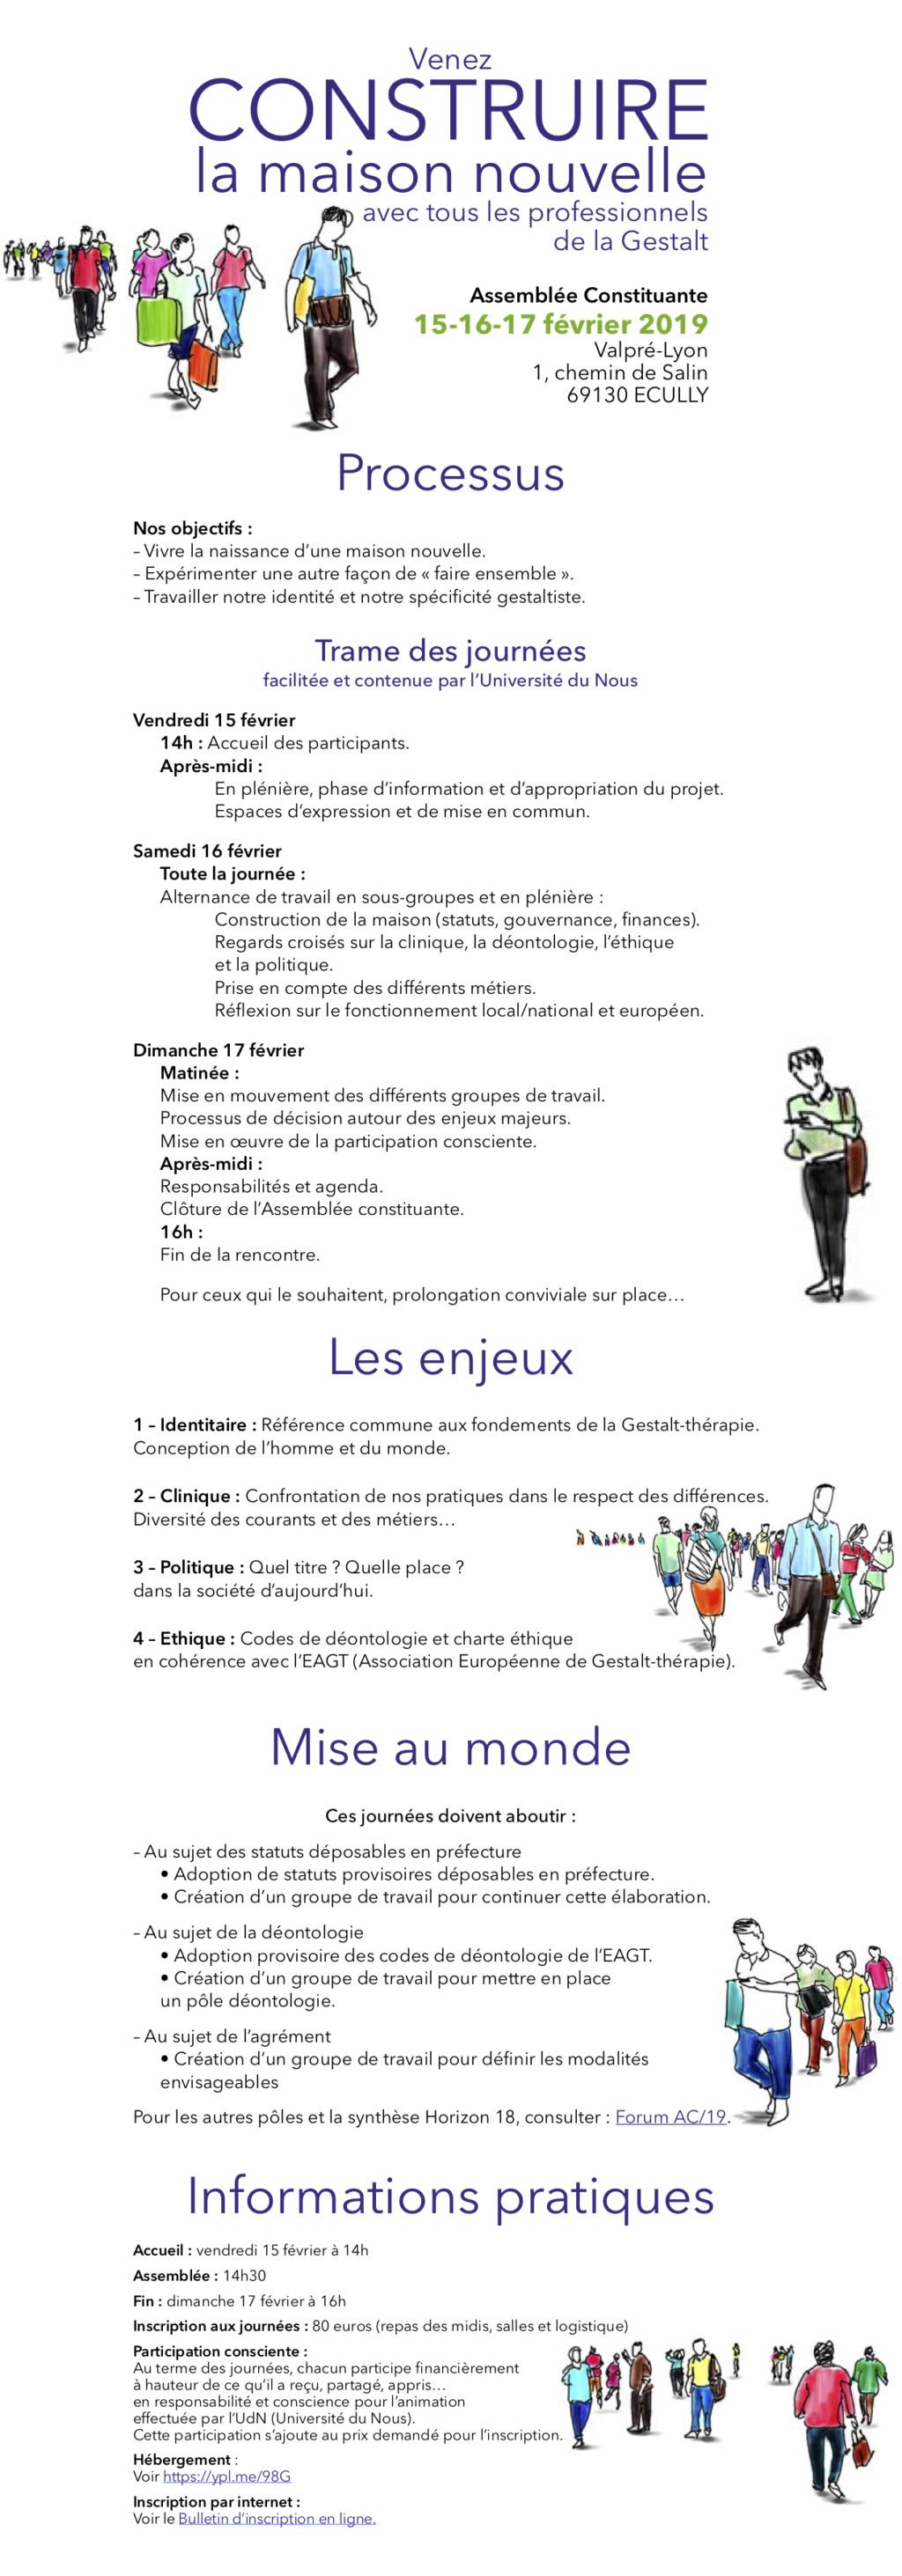 Le programme de l'assemblée constituante Ac19_p10